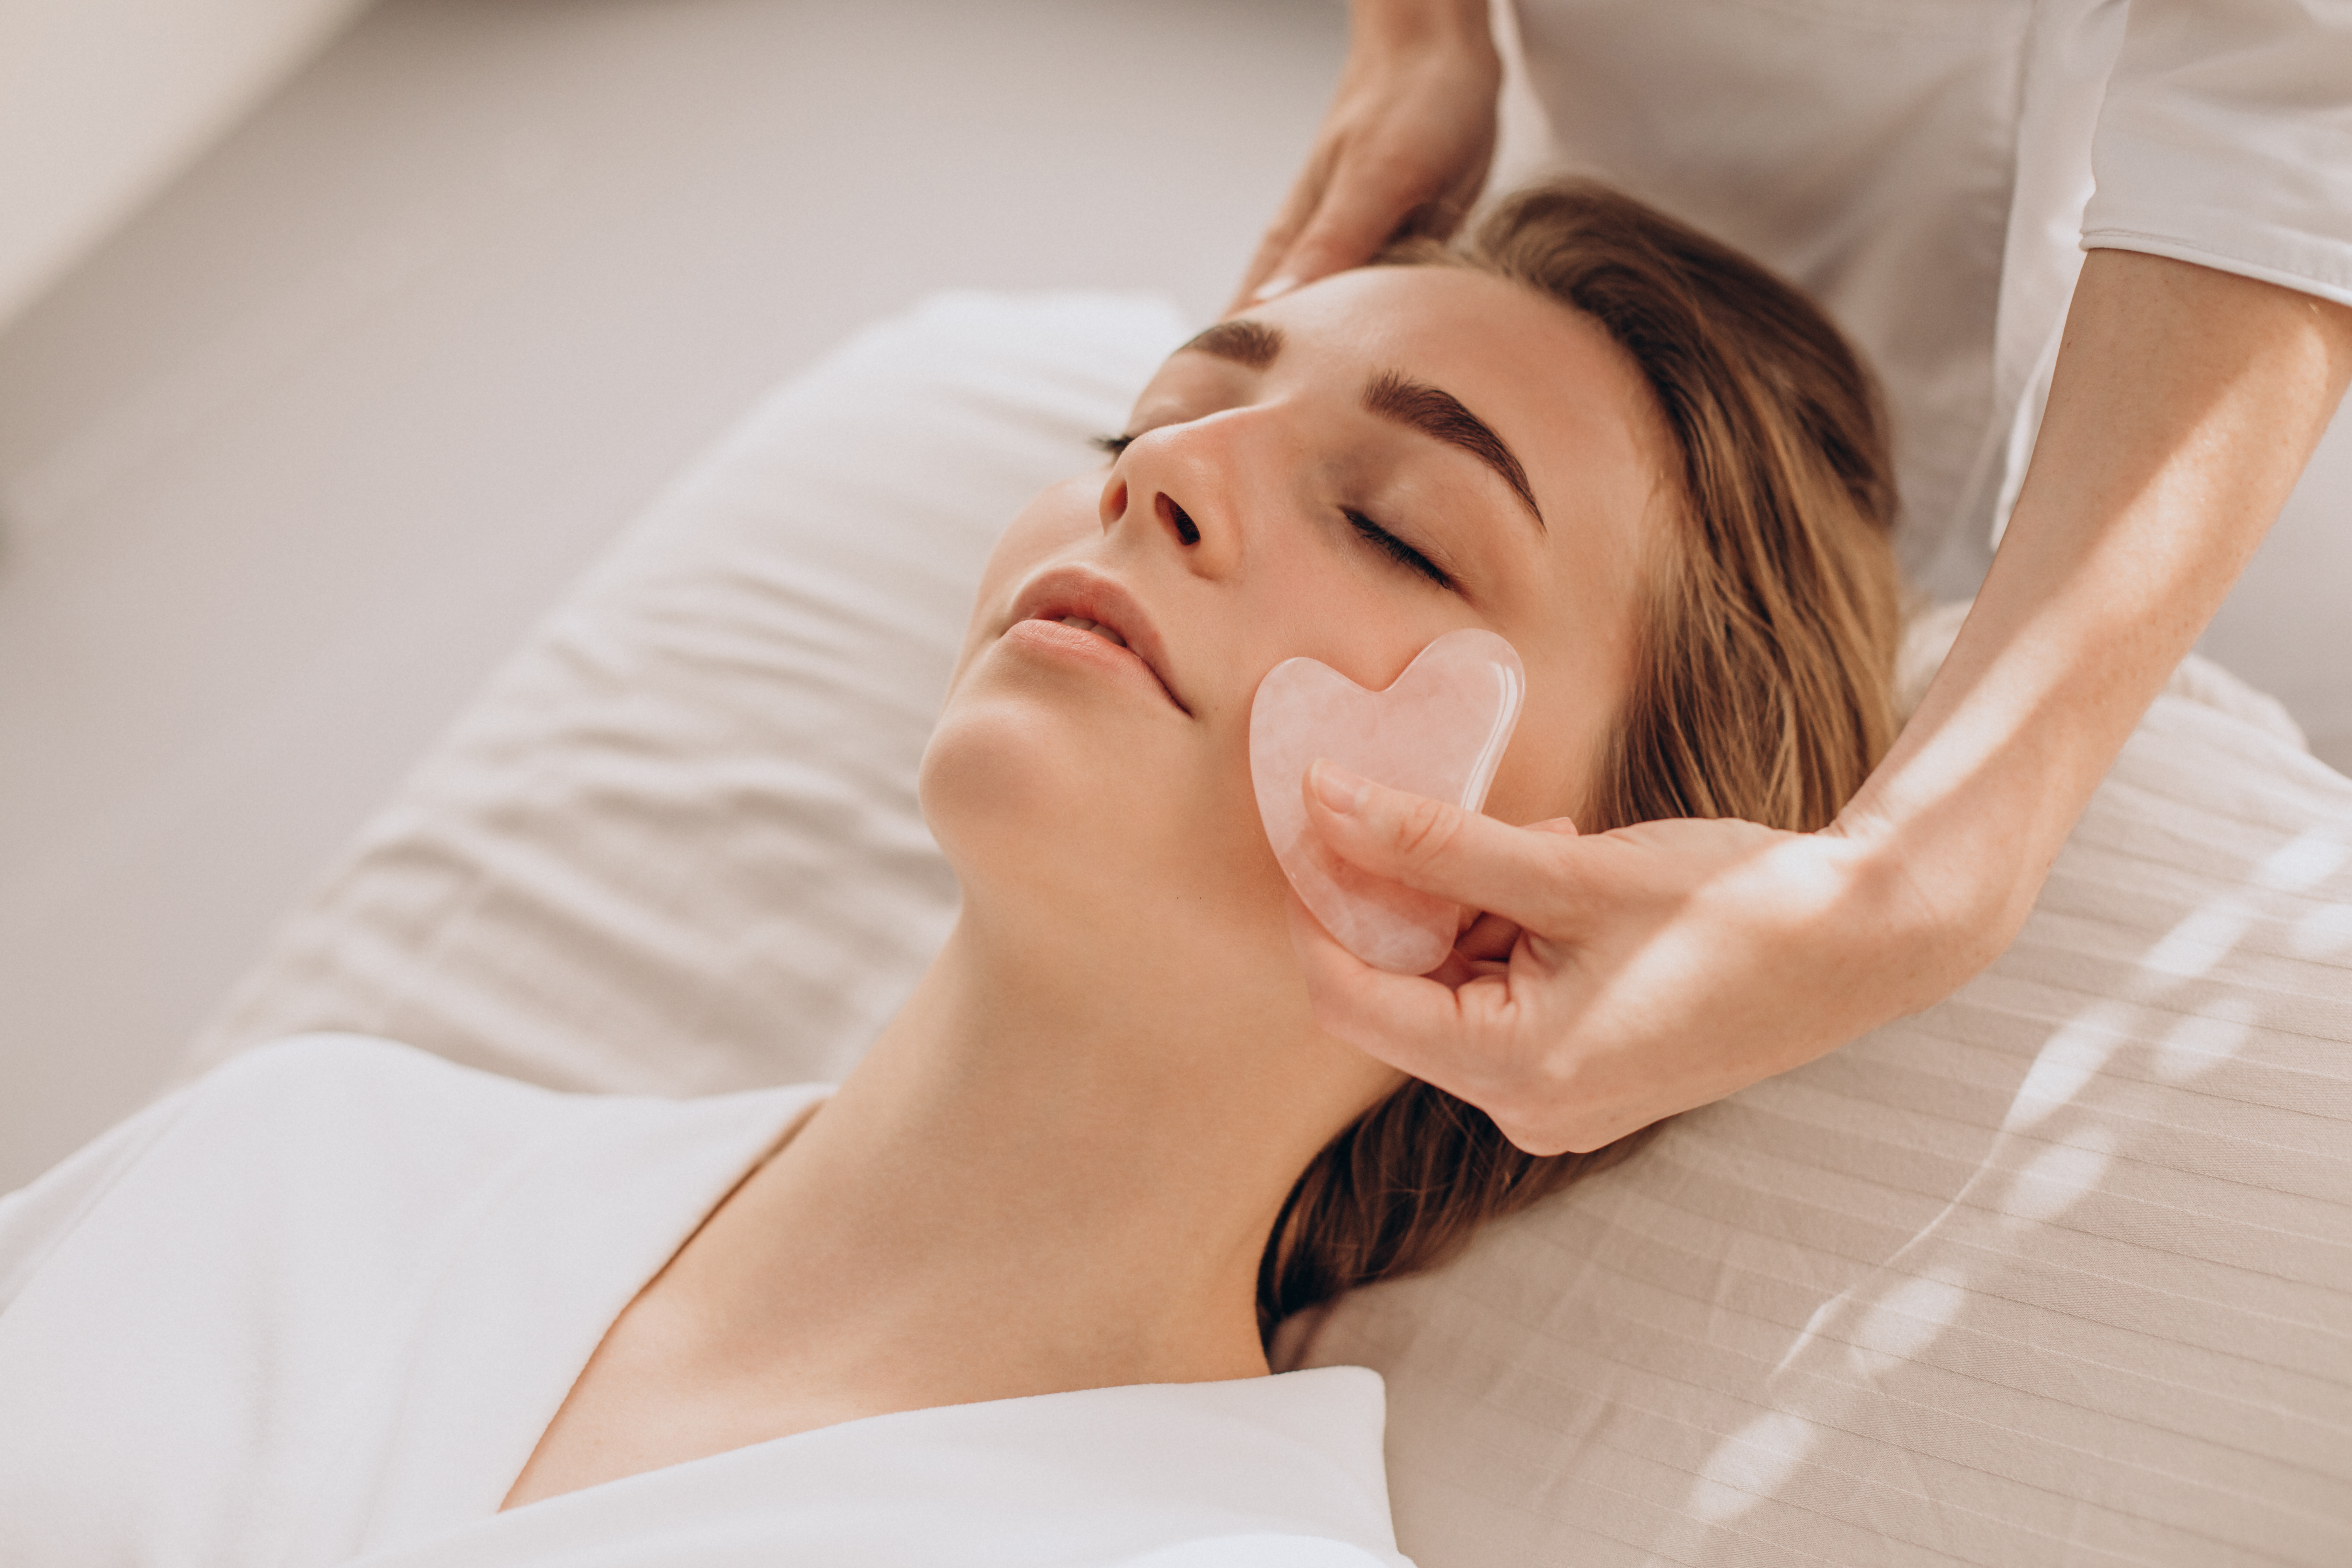 woman-salon-making-beauty-treatment-with-gua-sha-stone